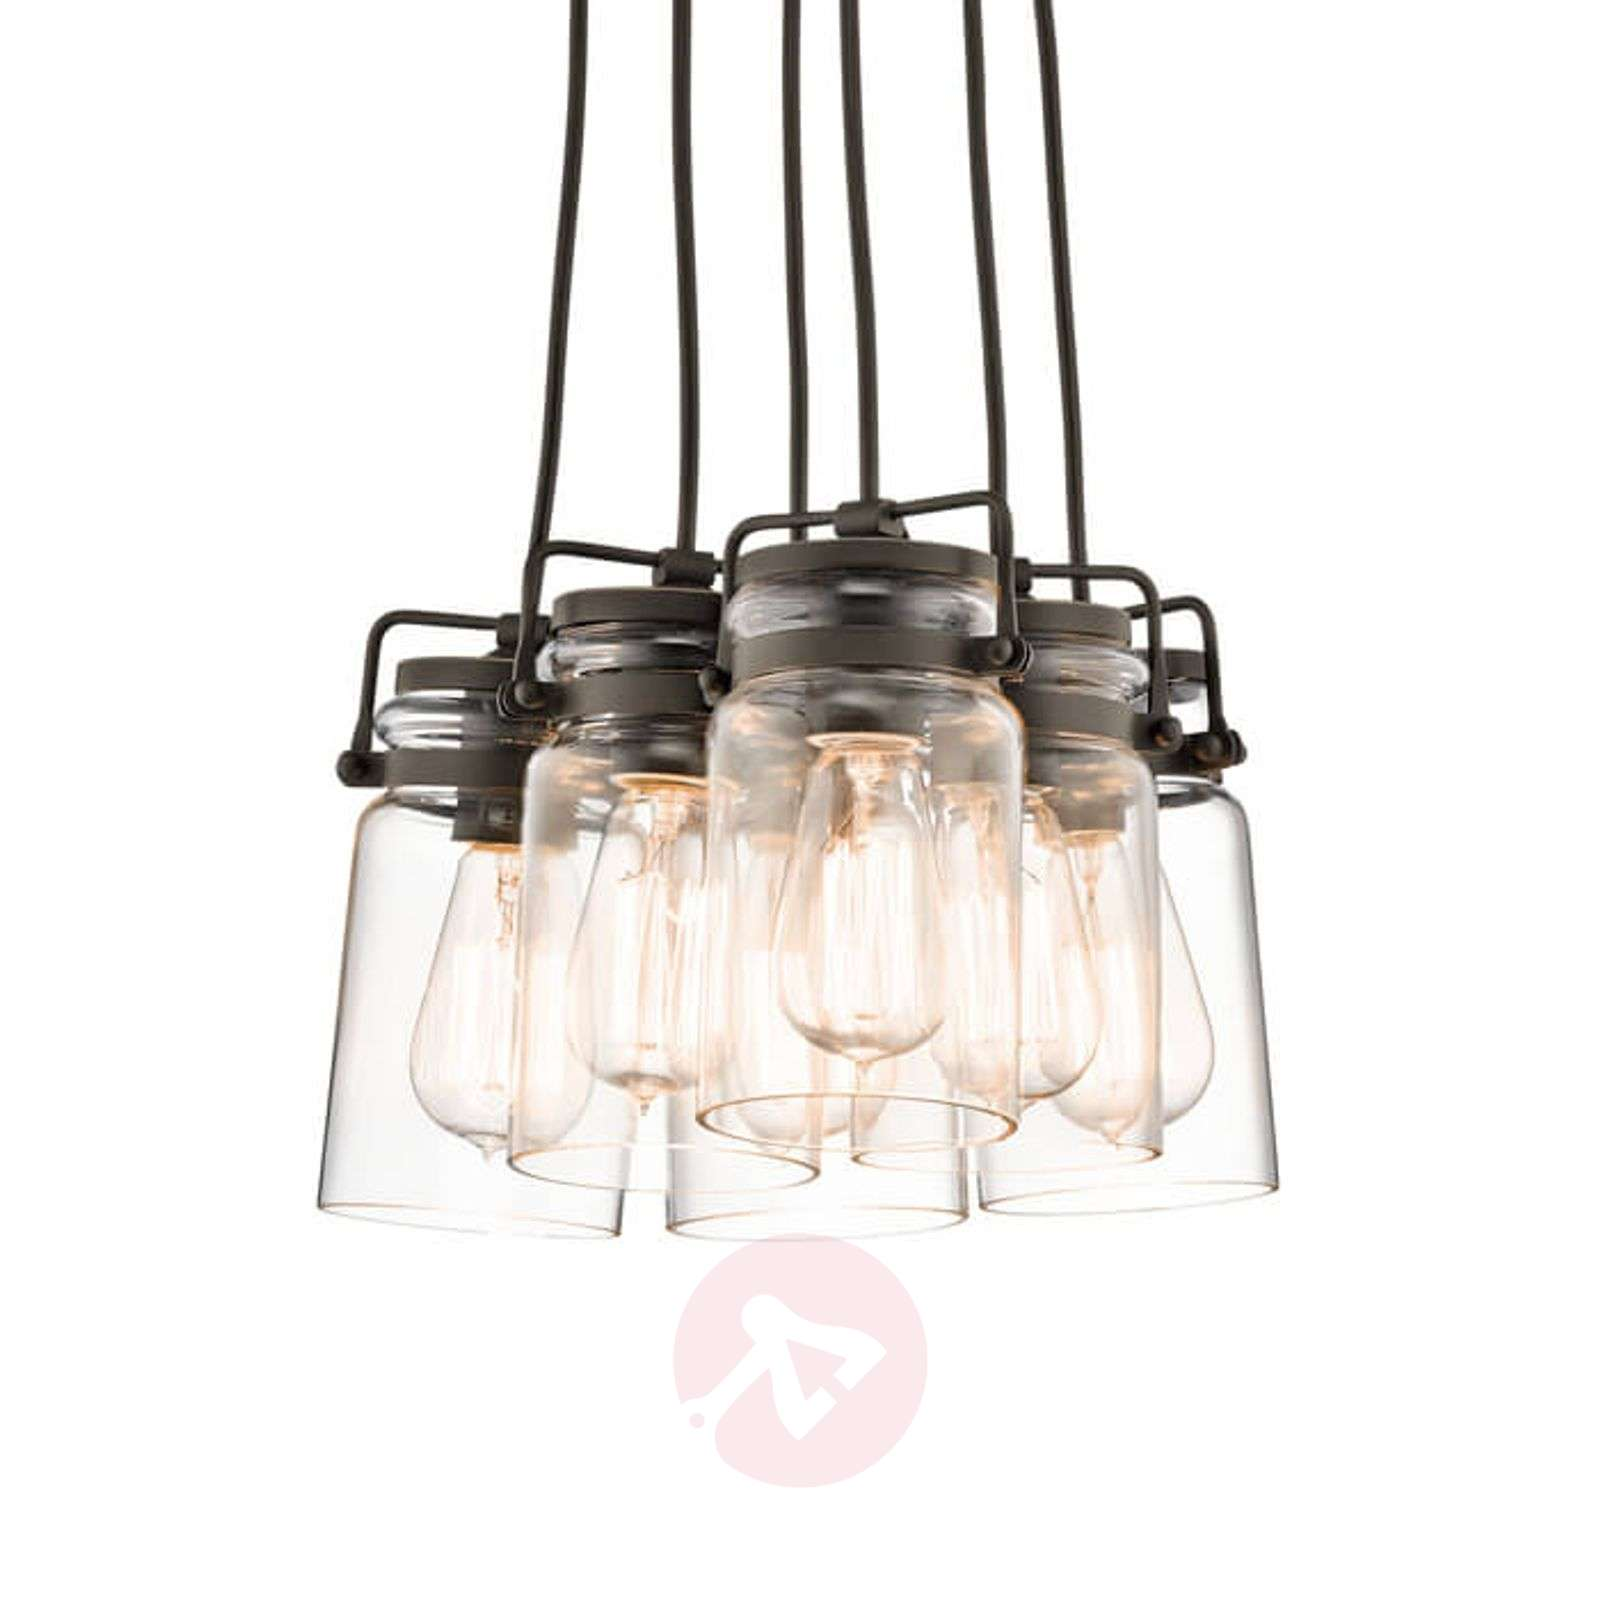 Six-bulb pendant lamp Brinley-3048601-01